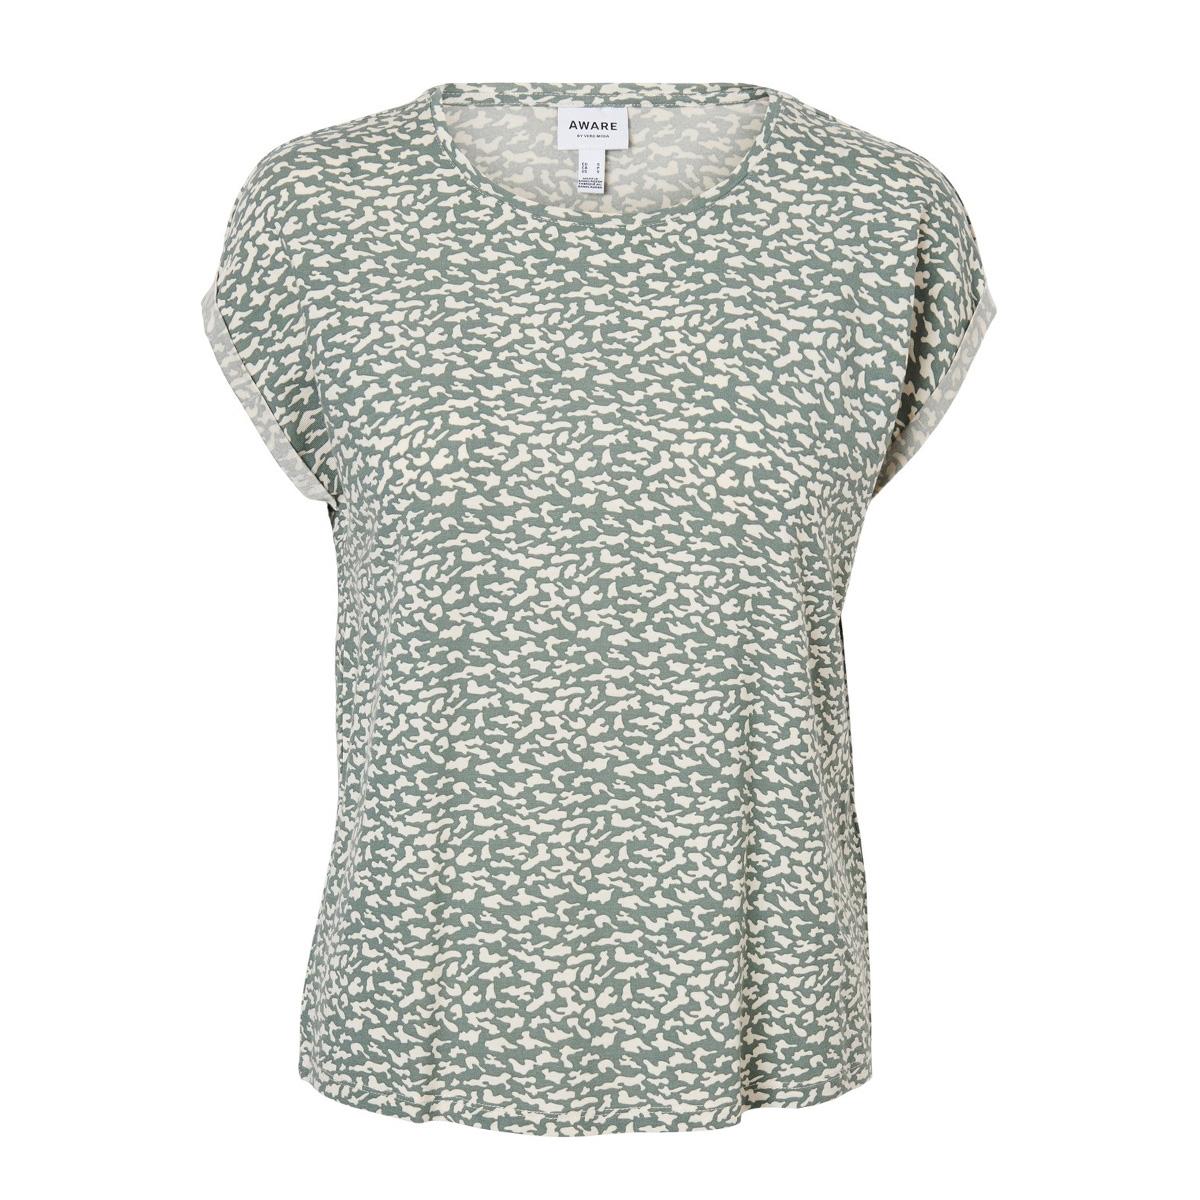 vmava plain ss top aop ga color 10211314 vero moda t-shirt laurel wreath/kiira